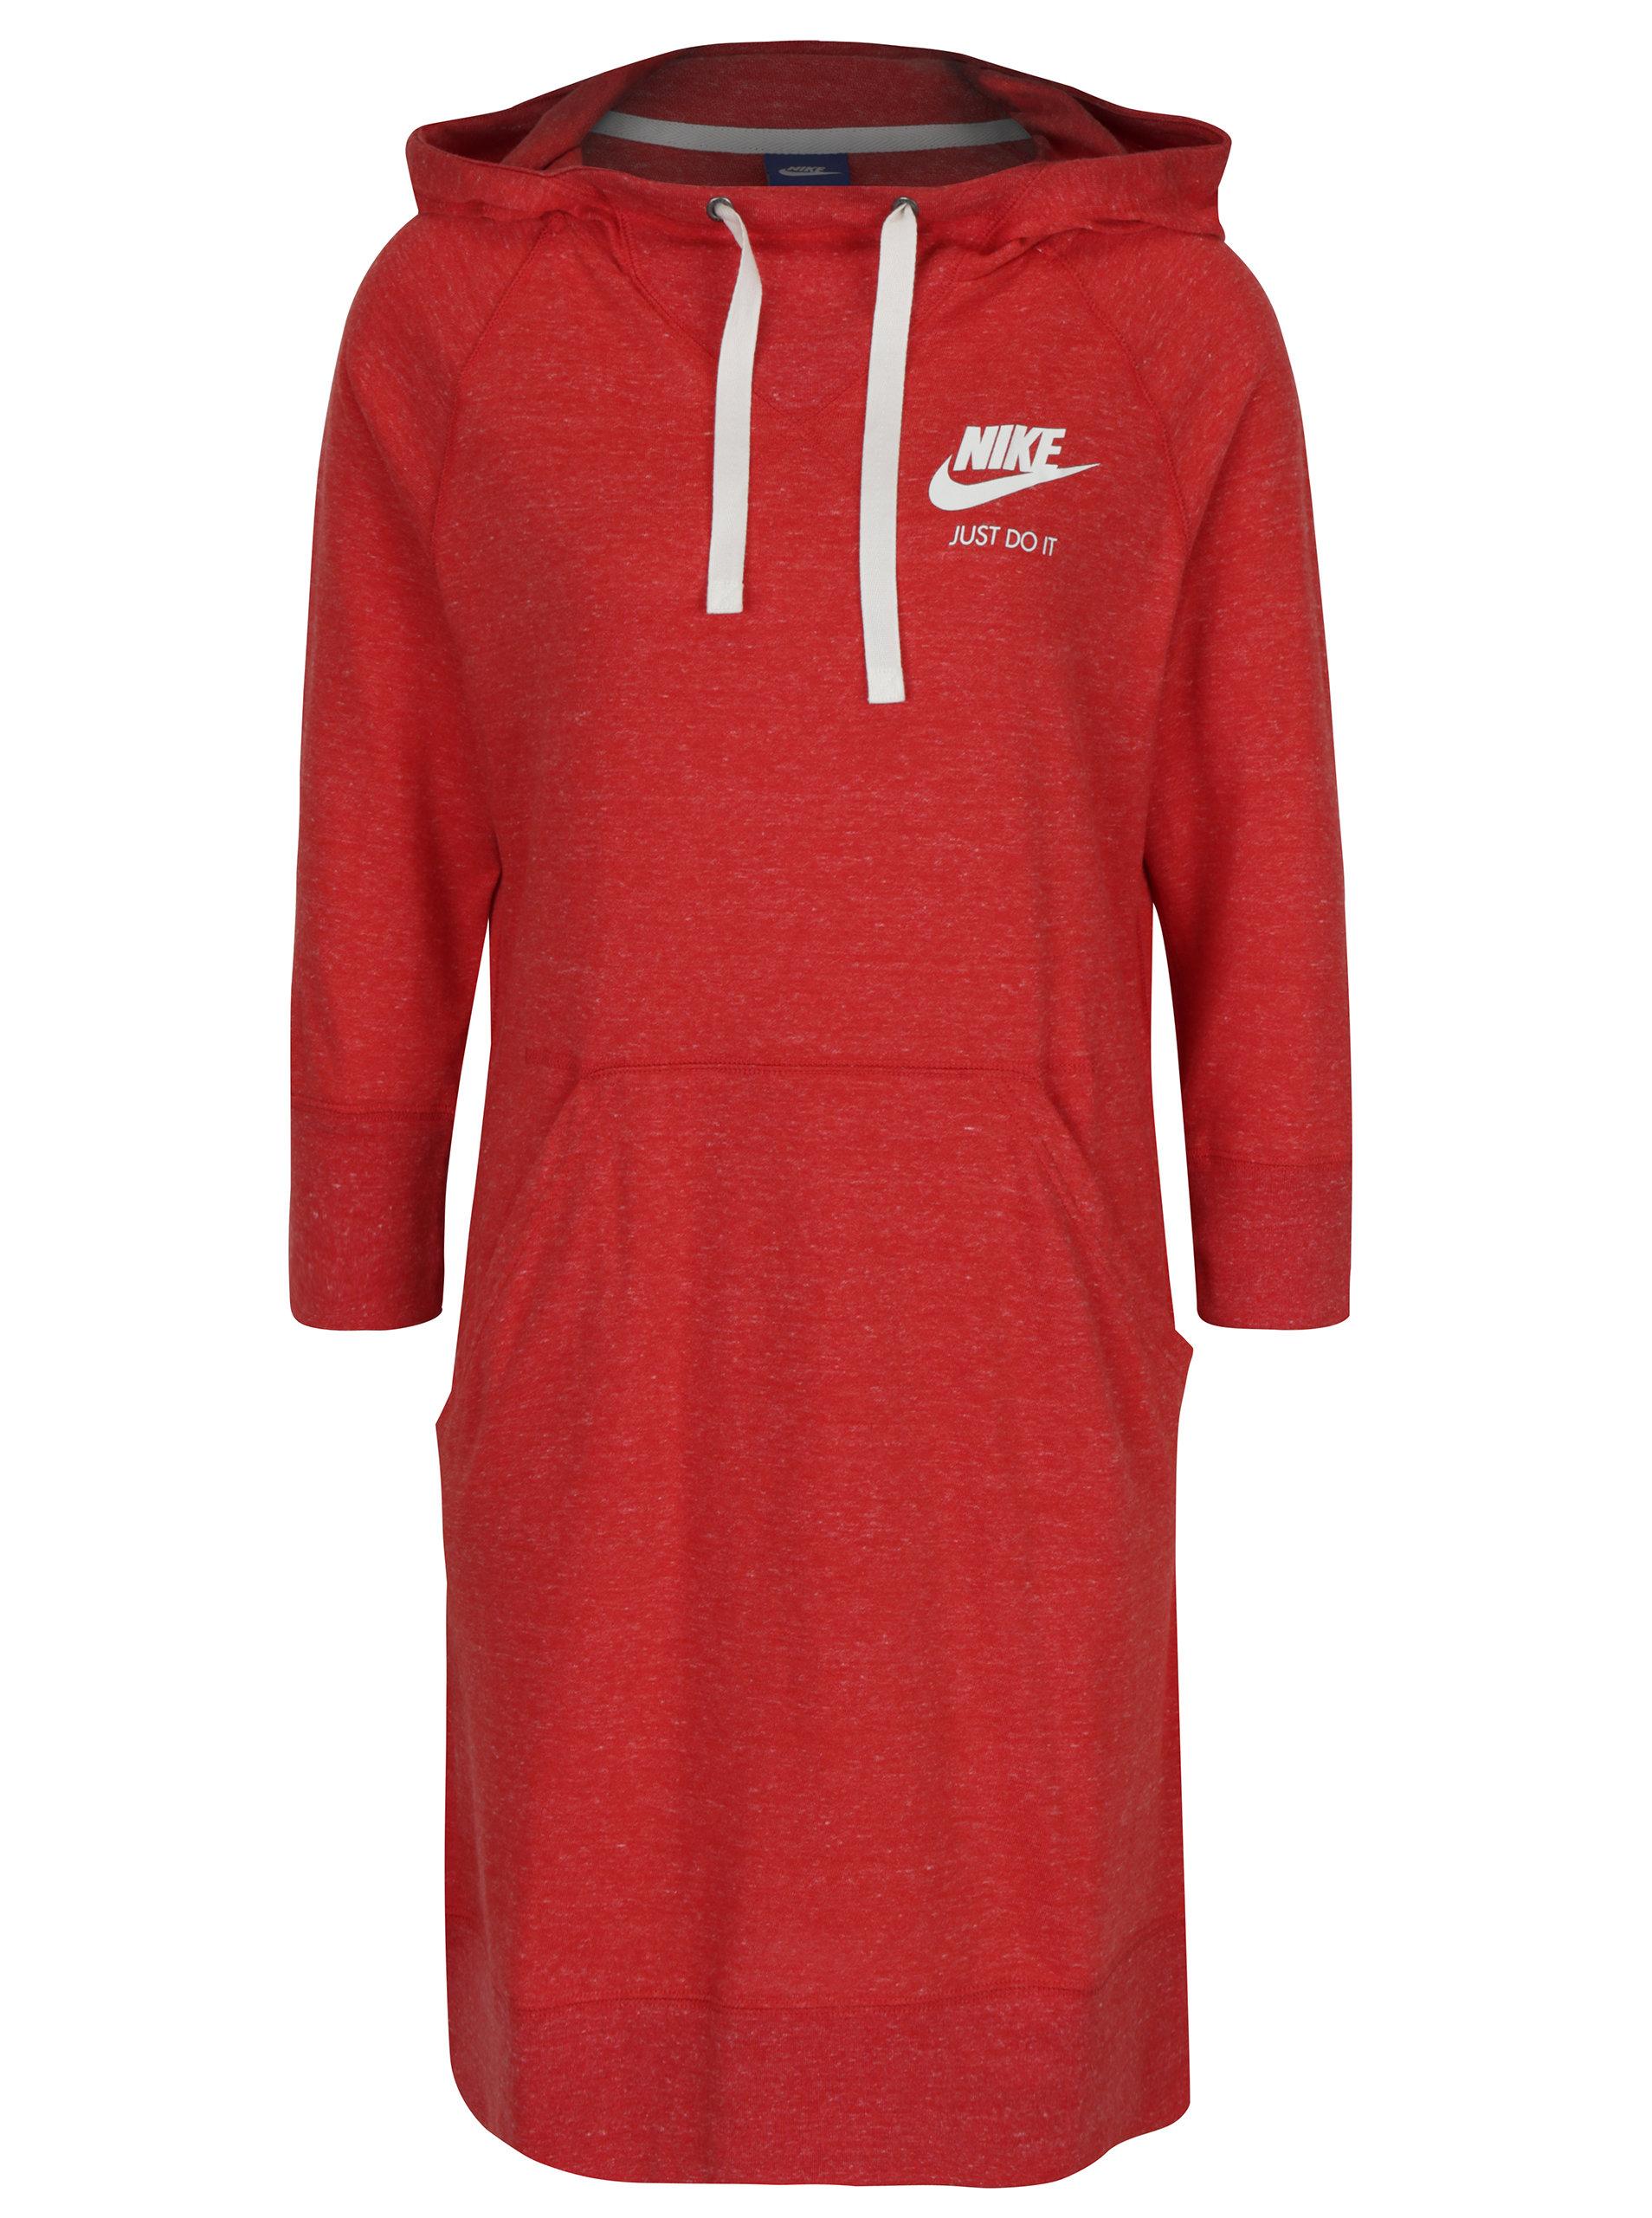 Červené sportovní žíhané šaty s kapucí Nike Sportswear Gym ... 1eb1e0ba5c1